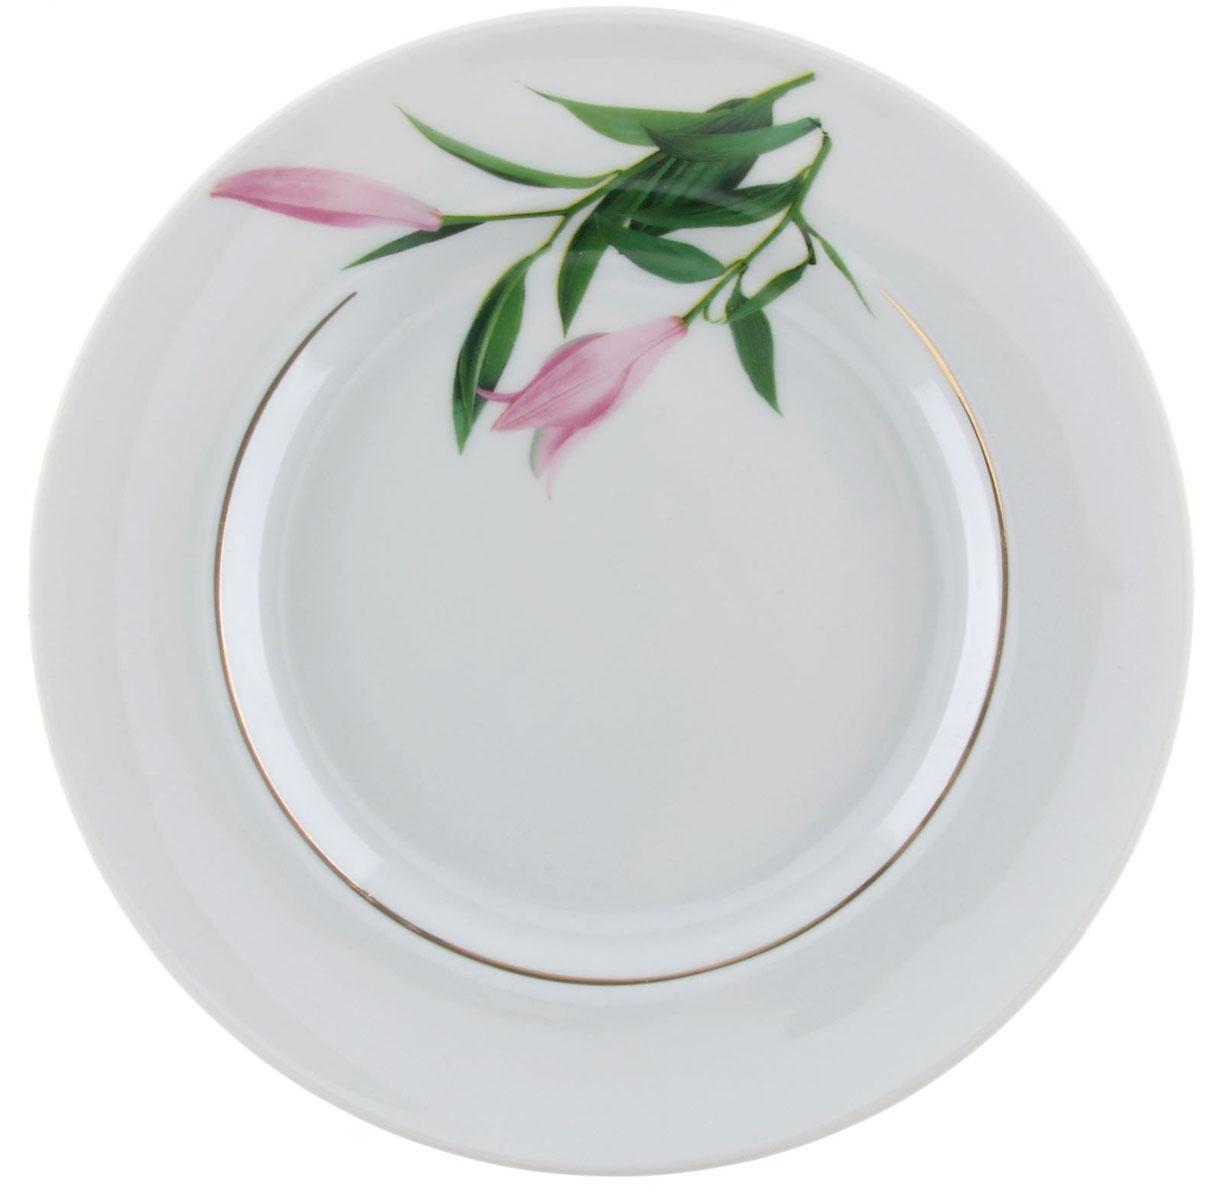 Тарелка мелкая Идиллия. Бутон, диаметр 20 см1303775Мелкая тарелка Идиллия. Бутон выполнена из высококачественного фарфора и украшена ярким рисунком. Она прекрасно впишется в интерьер вашей кухни и станет достойным дополнением к кухонному инвентарю. Тарелка Идиллия. Бутон подчеркнет прекрасный вкус хозяйки и станет отличным подарком.